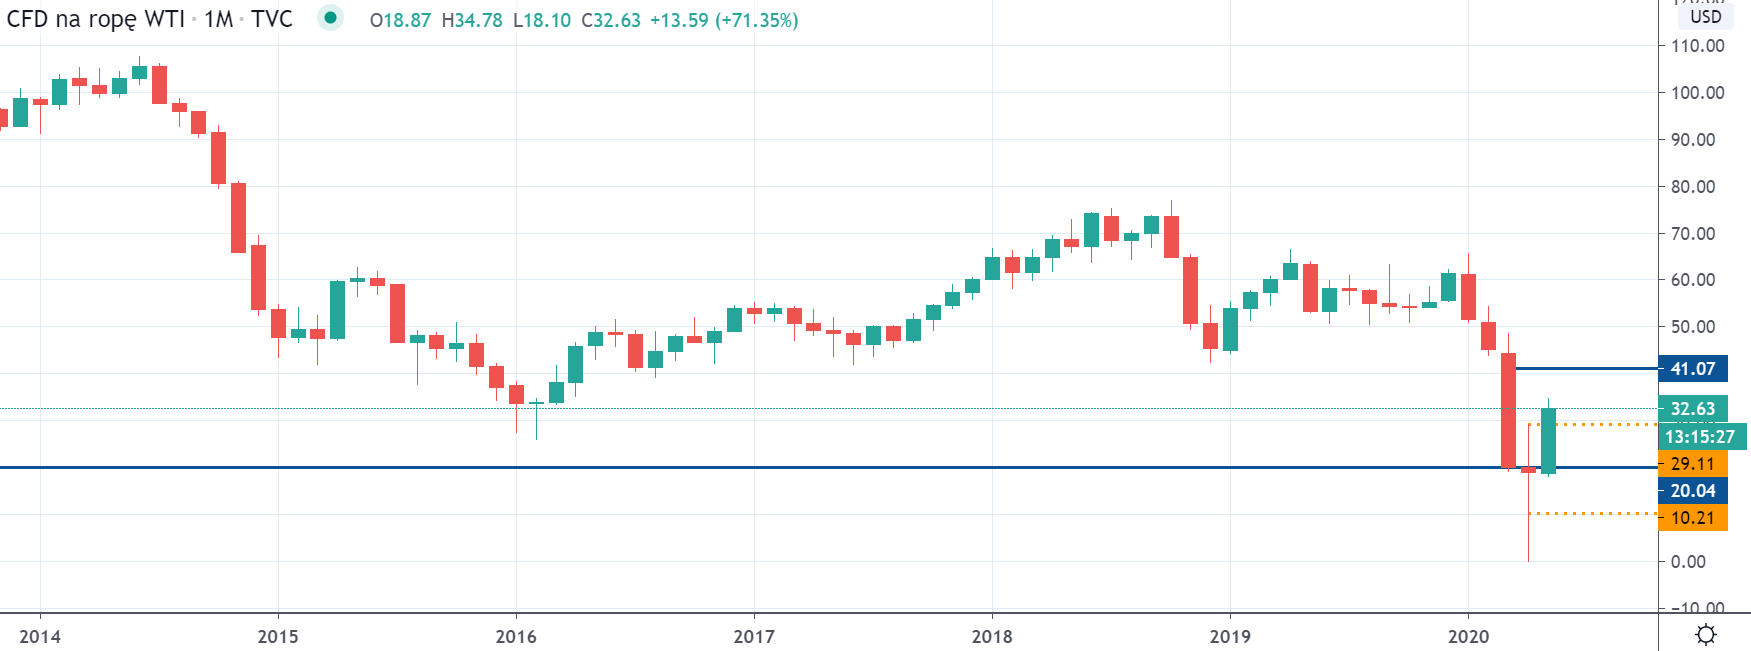 Kurs ropy WTI na interwale miesiecznym, tradingview